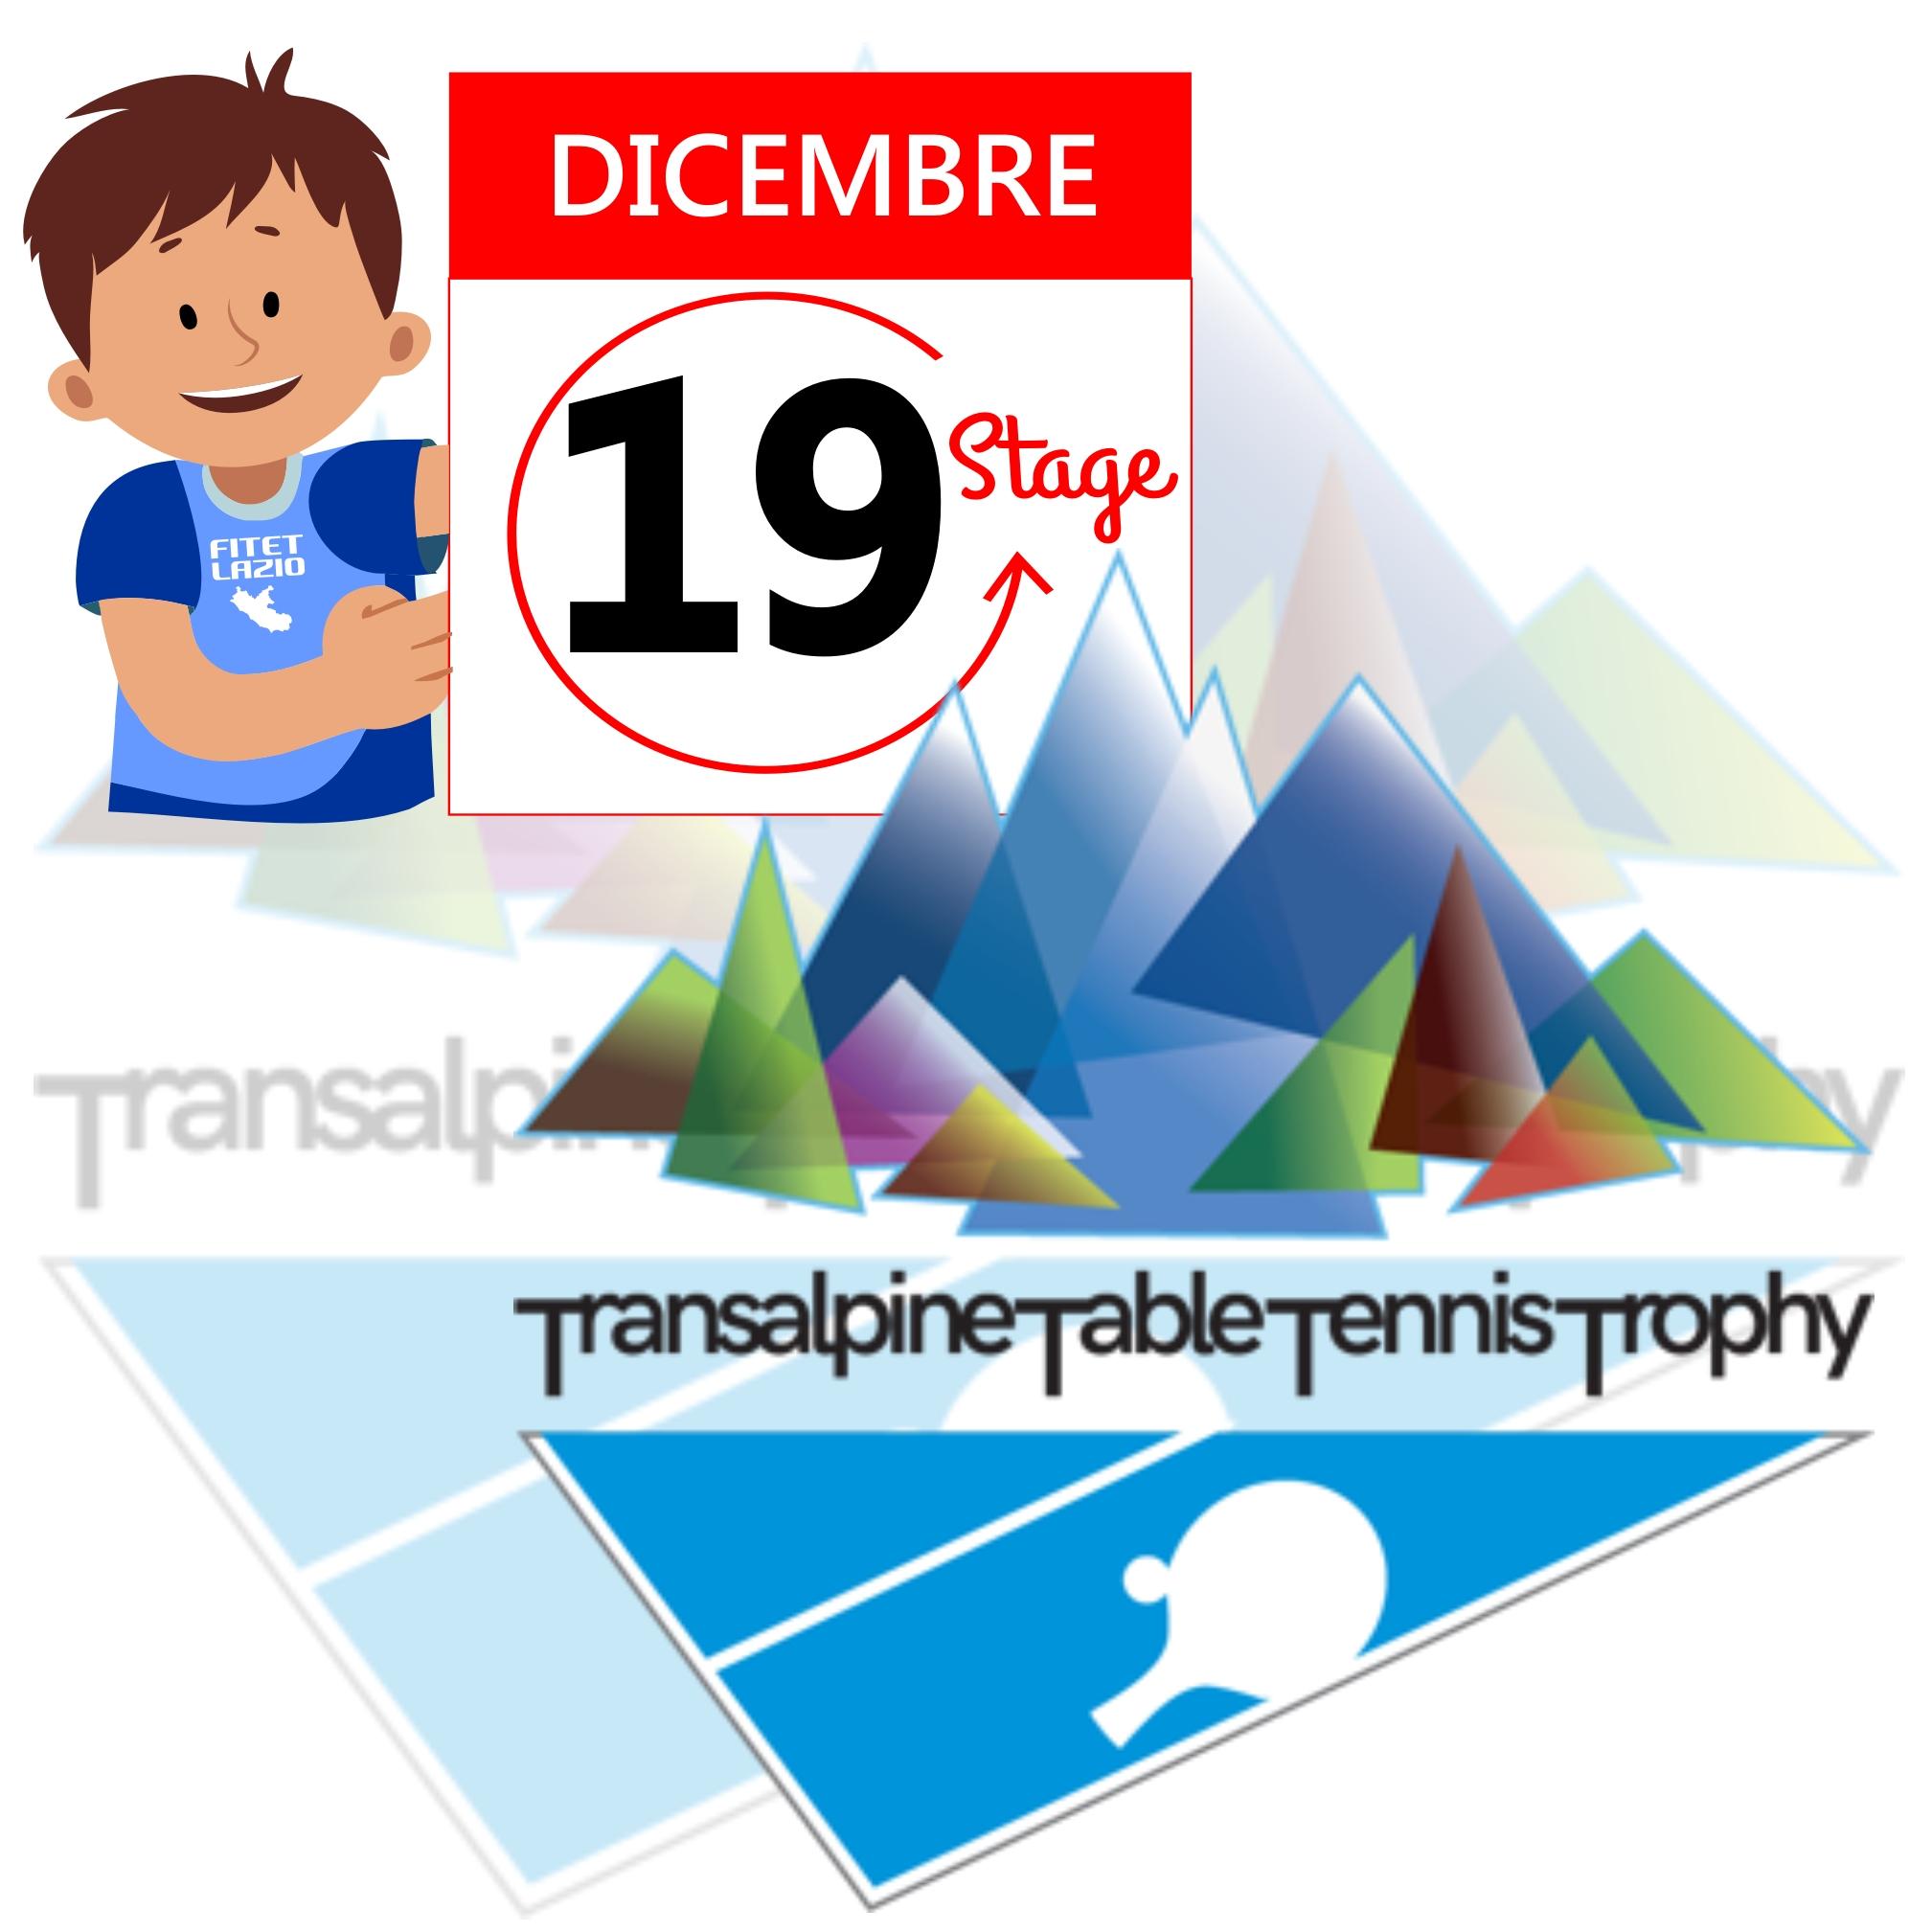 Stage Transalpino 19 dicembre 2019